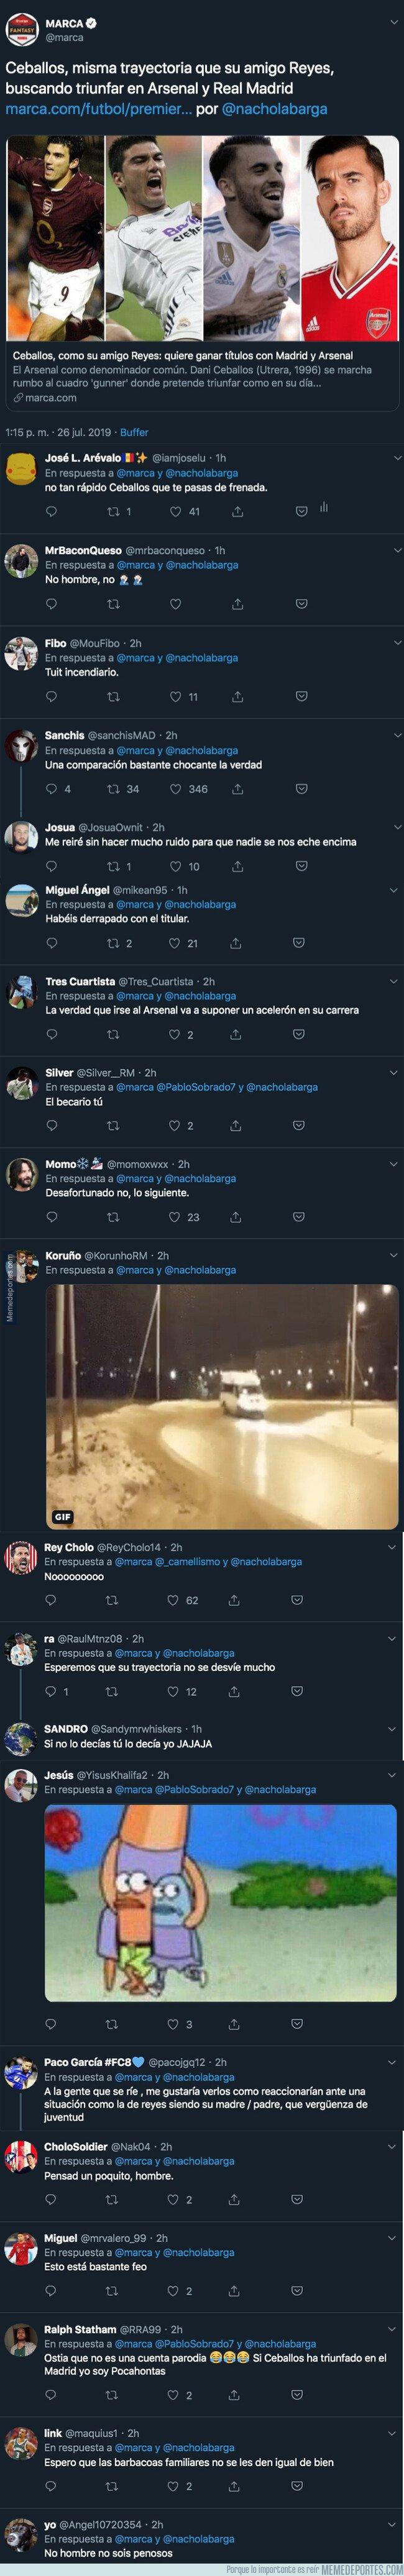 1082036 - El diario MARCA pone un polémico titular sobre Ceballos y Reyes y la gente de Twitter responde con mucho humor negro